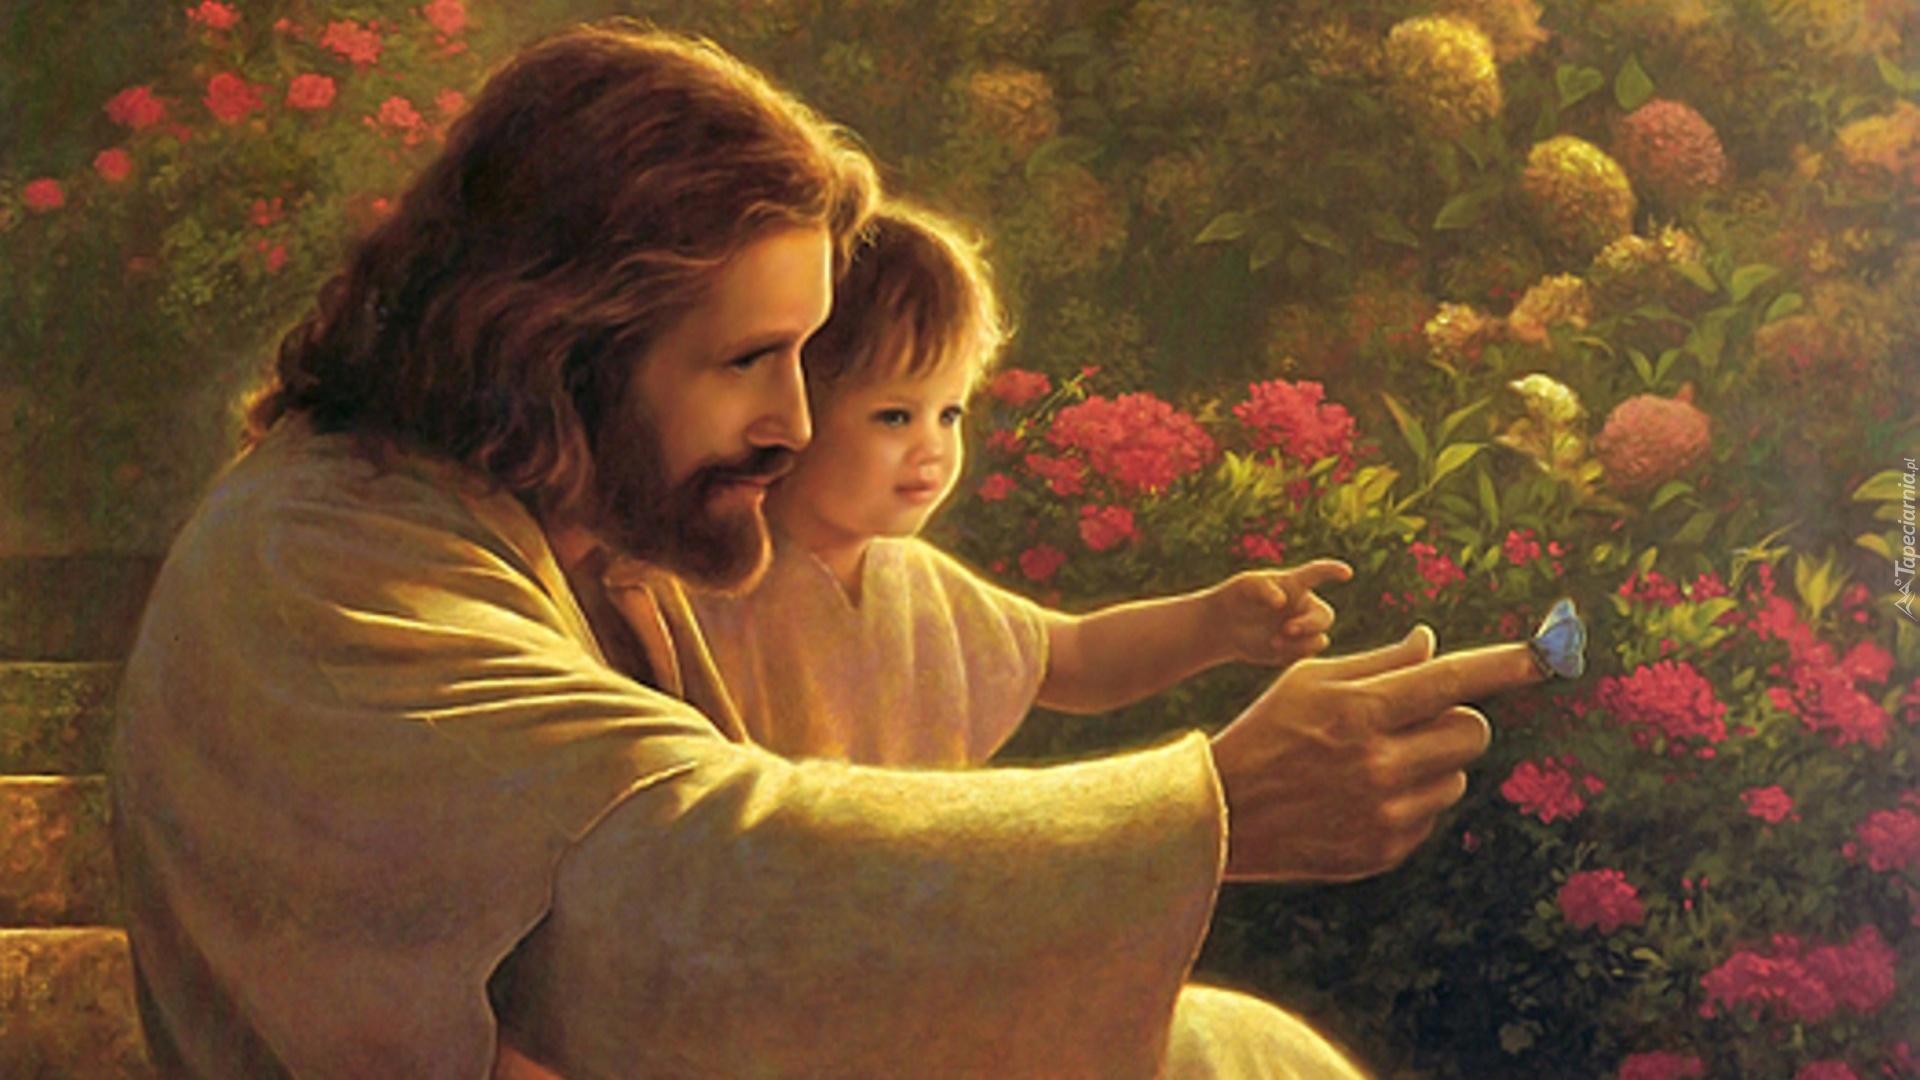 Jezus, Dziecko, Motyl, Kwiaty